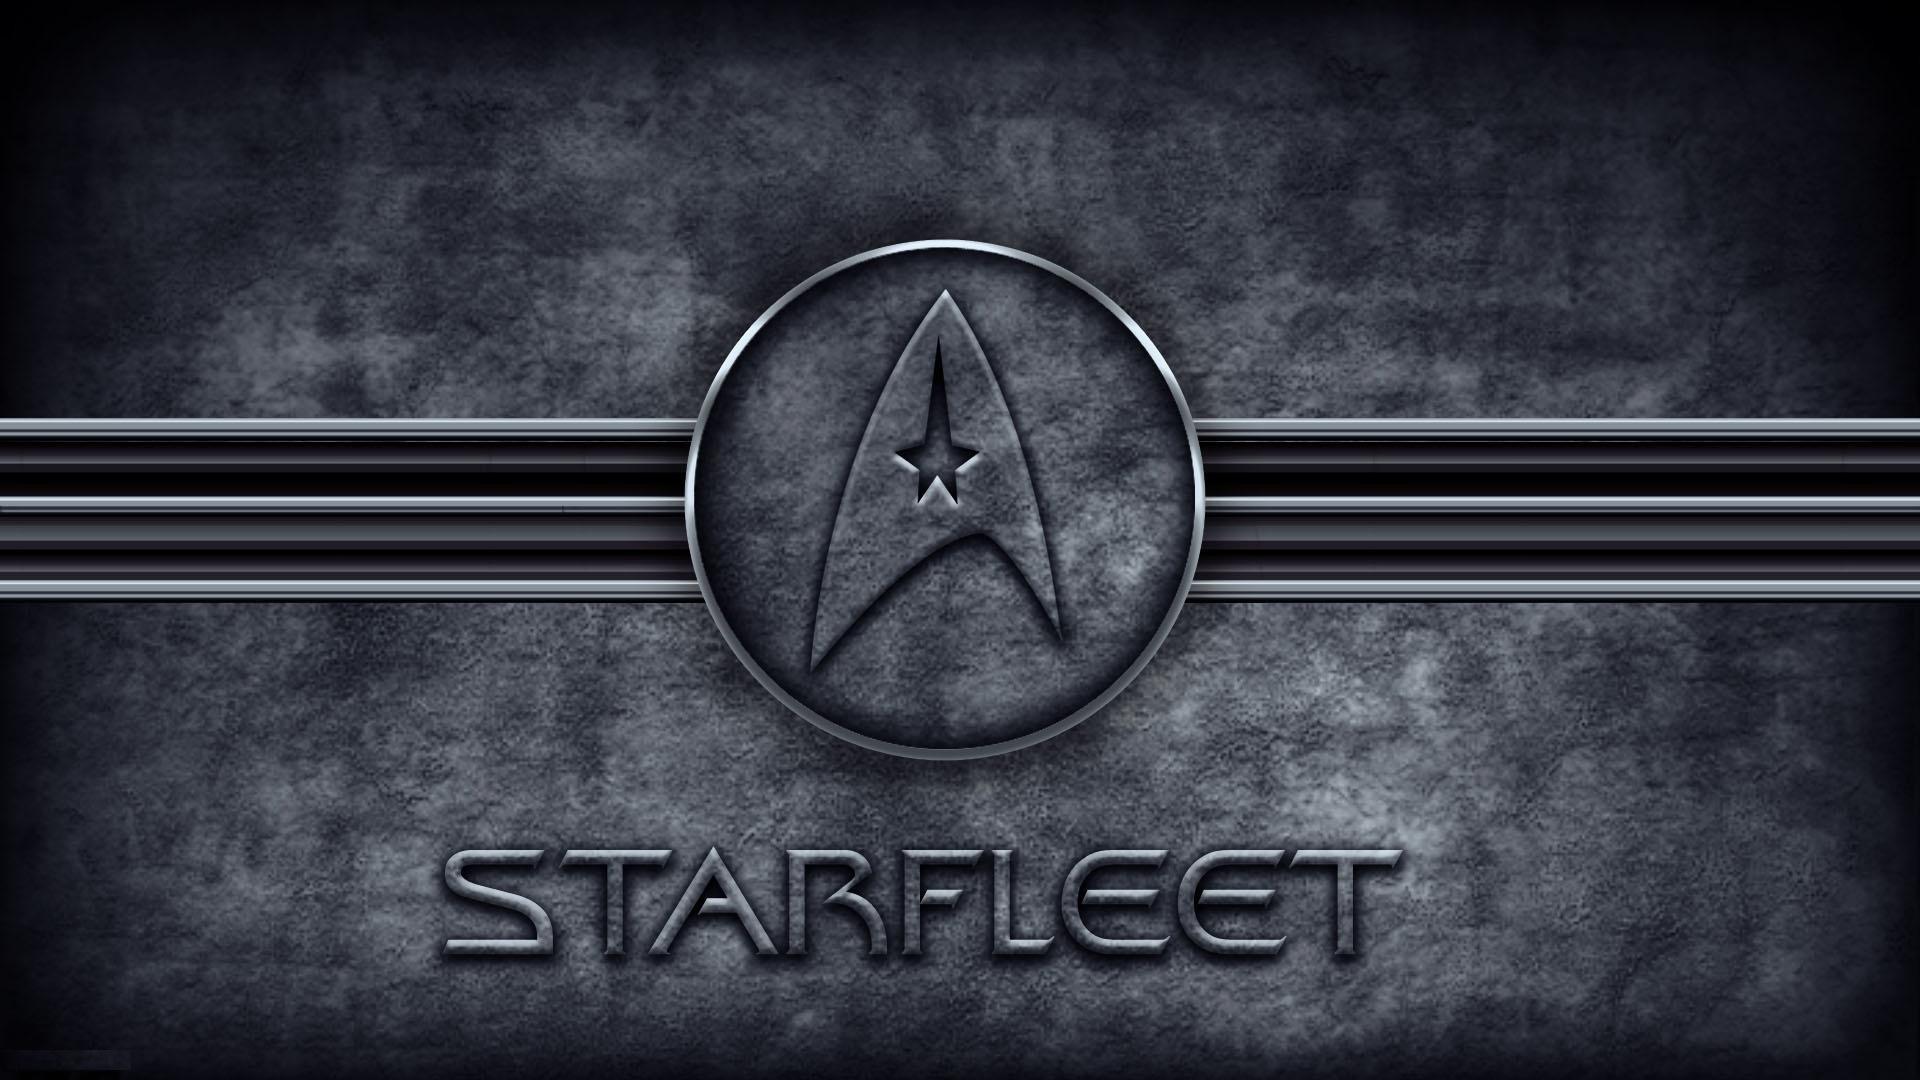 Star-trek-starfleet-logo-wallpaper-HD